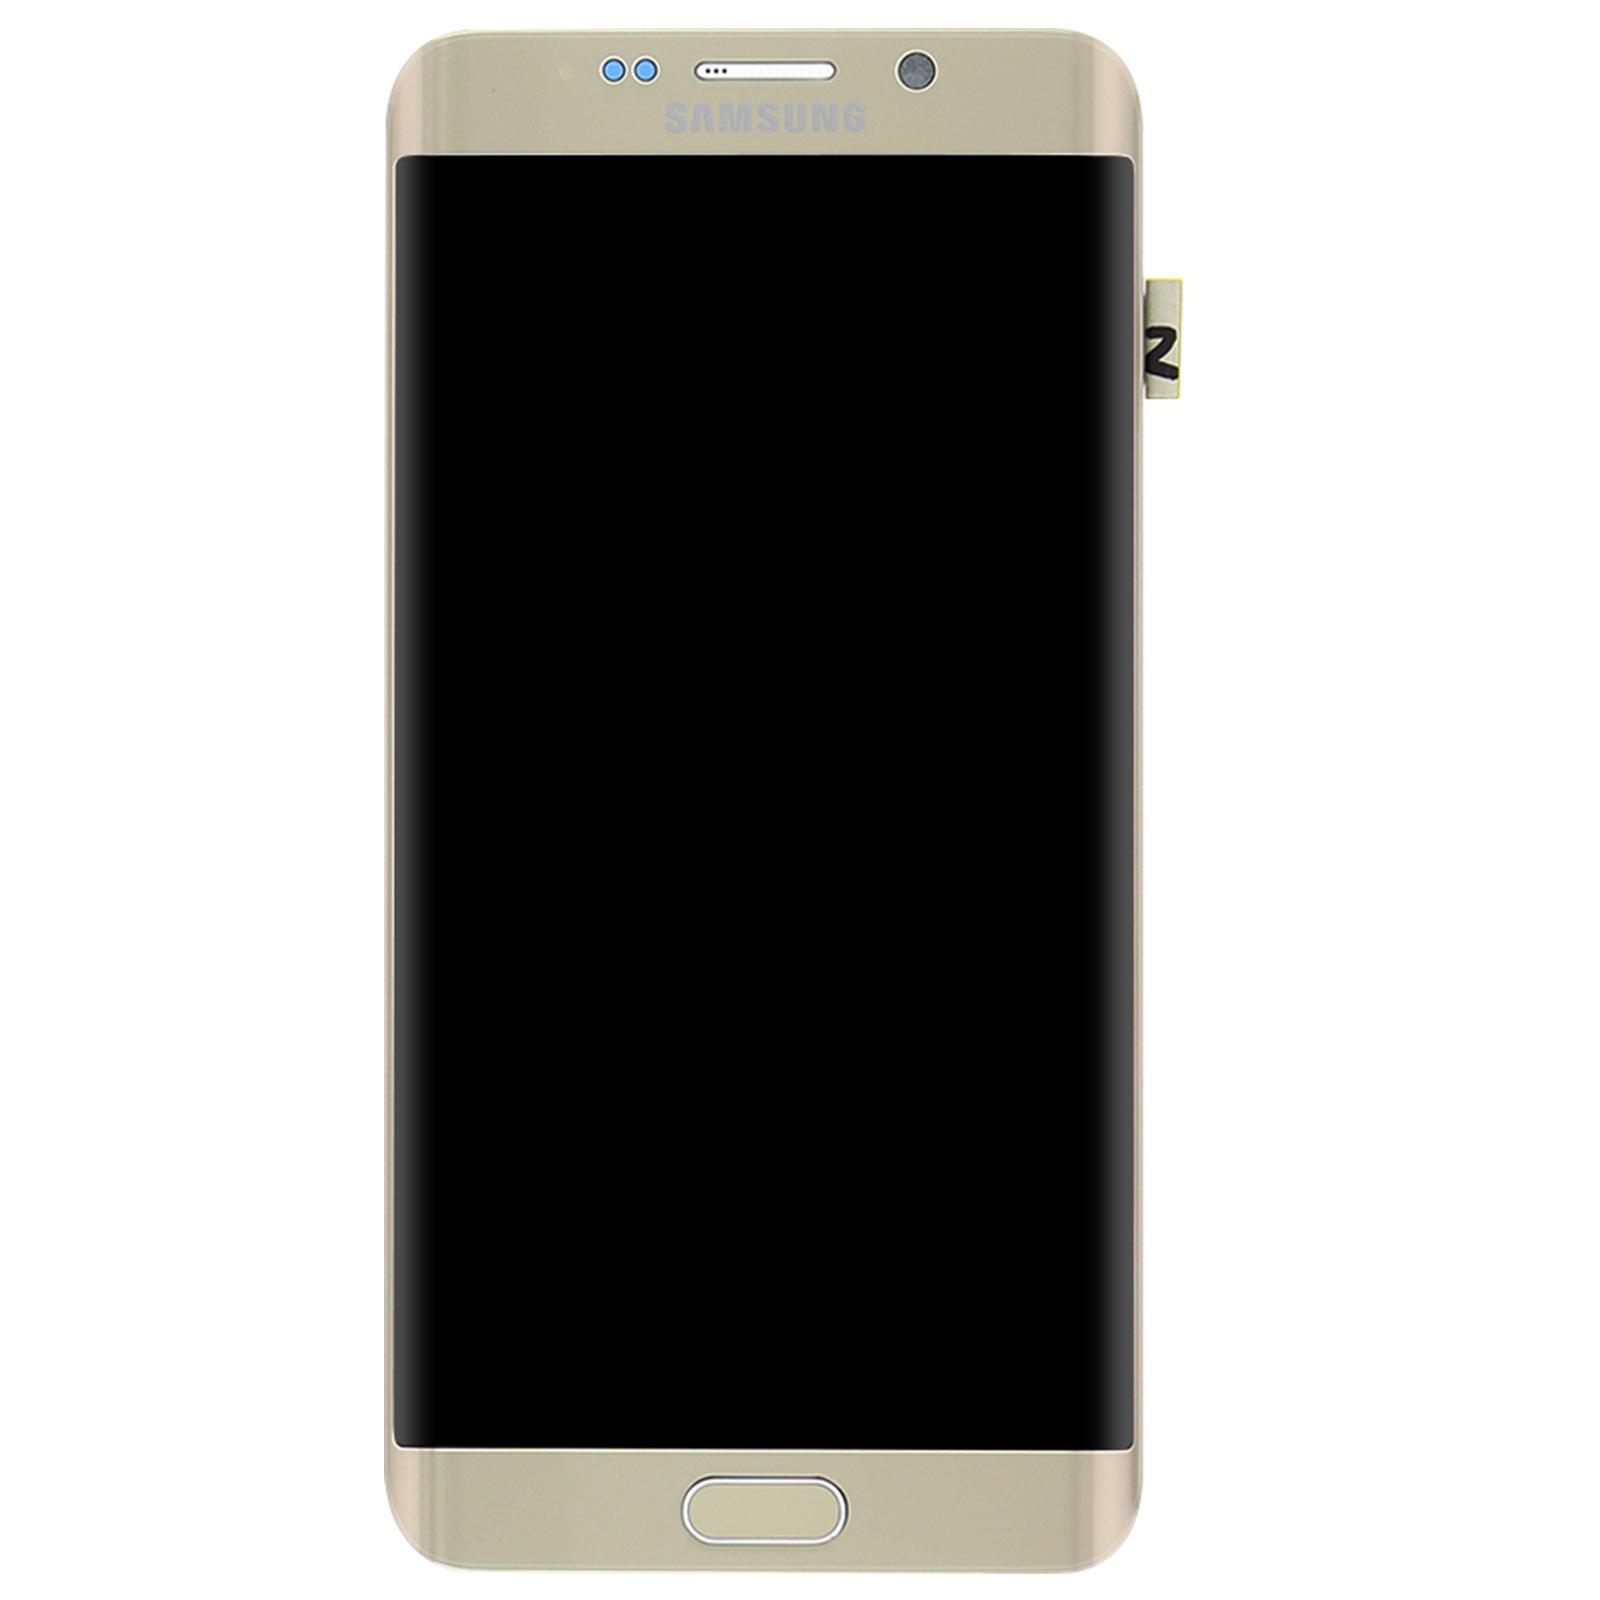 Ersatzdisplay Samsung Galaxy S6 Edge Plus Scheibe Vormontiert A Gold Kaufen Bei Mycoolcase